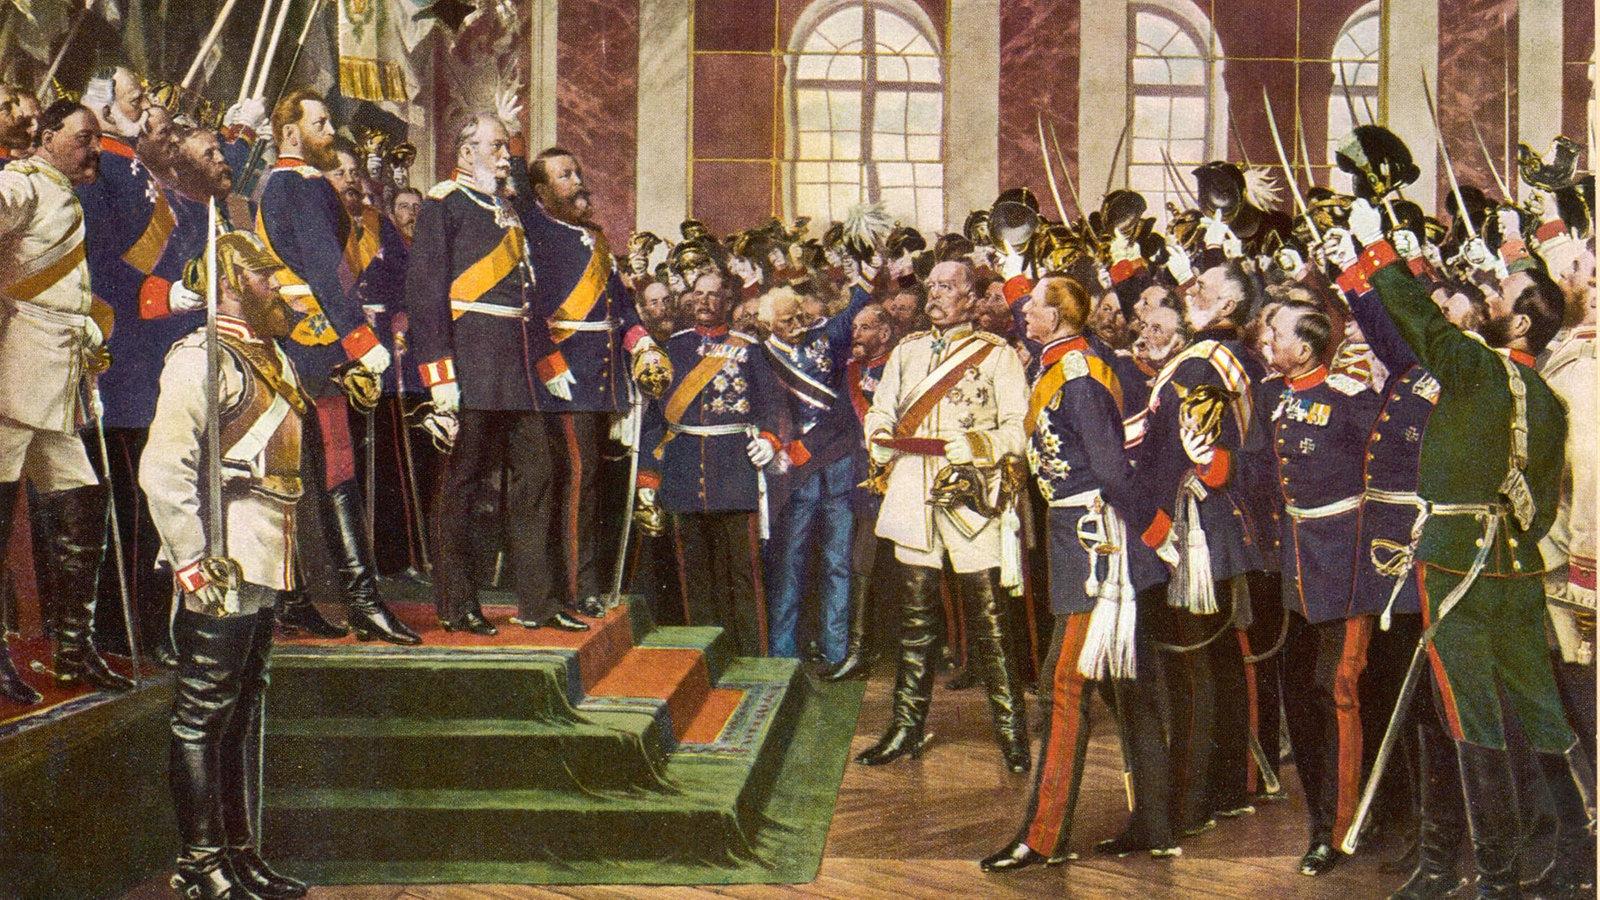 Stichtag - 18. Januar 1871: Wilhelm I. wird in Versailles zum Kaiser  proklamiert - Stichtag - WDR